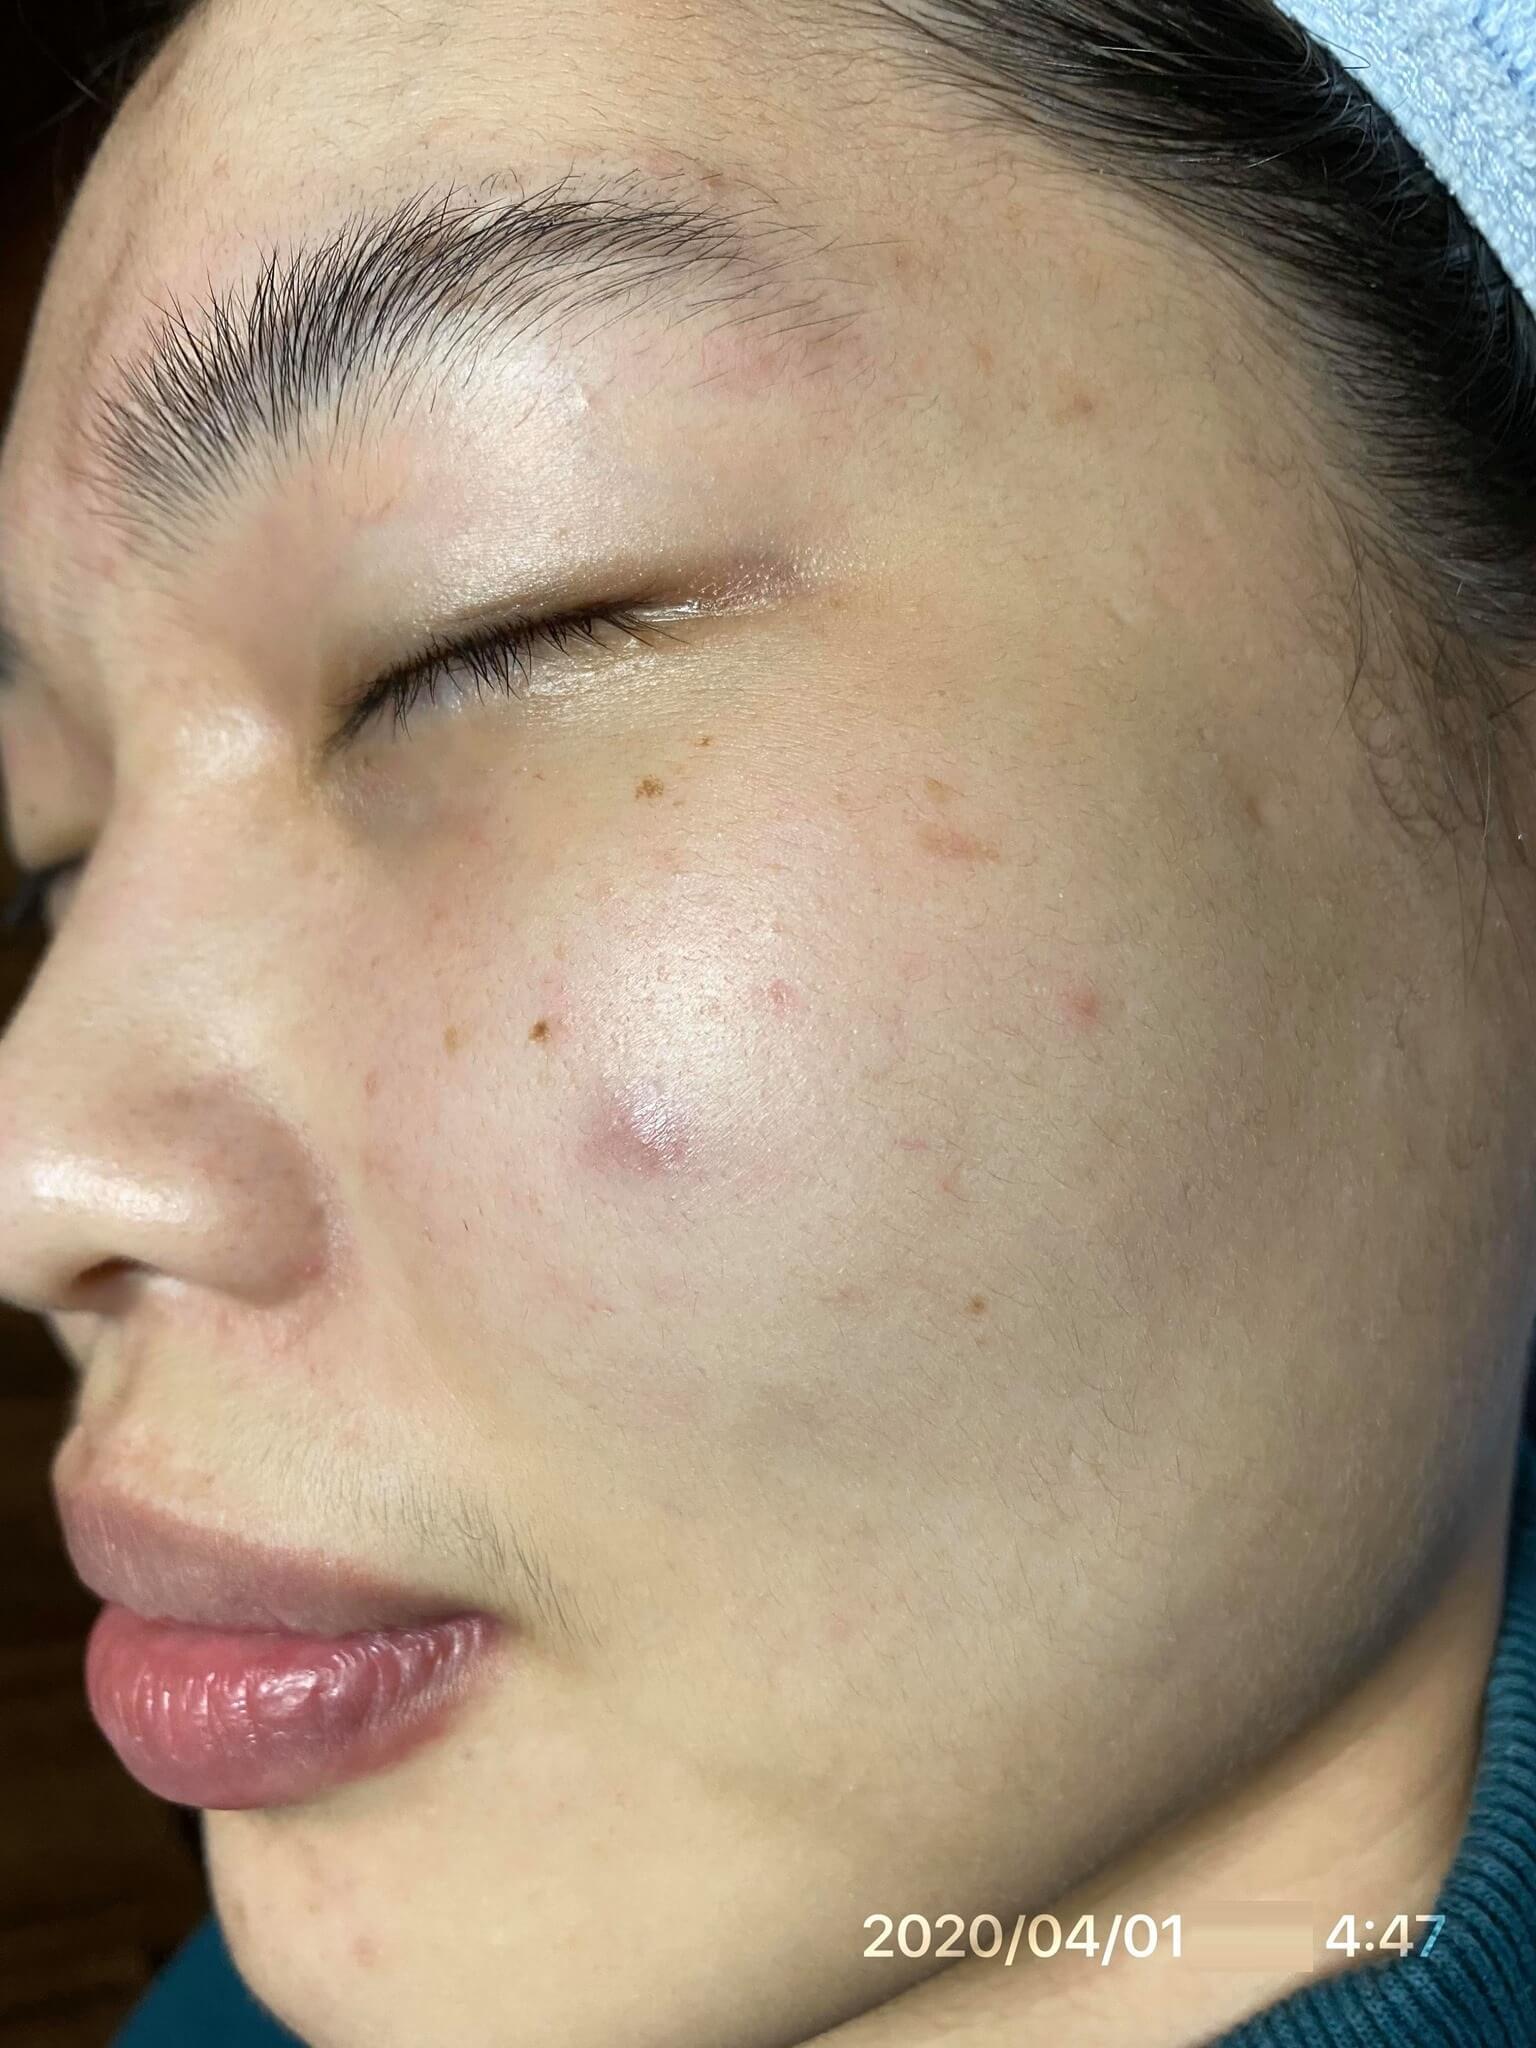 Da tôi đã sạch mụn gần như hoàn toàn, lại còn căng bóng mịn màng hơn sau khi dùng Goldskin